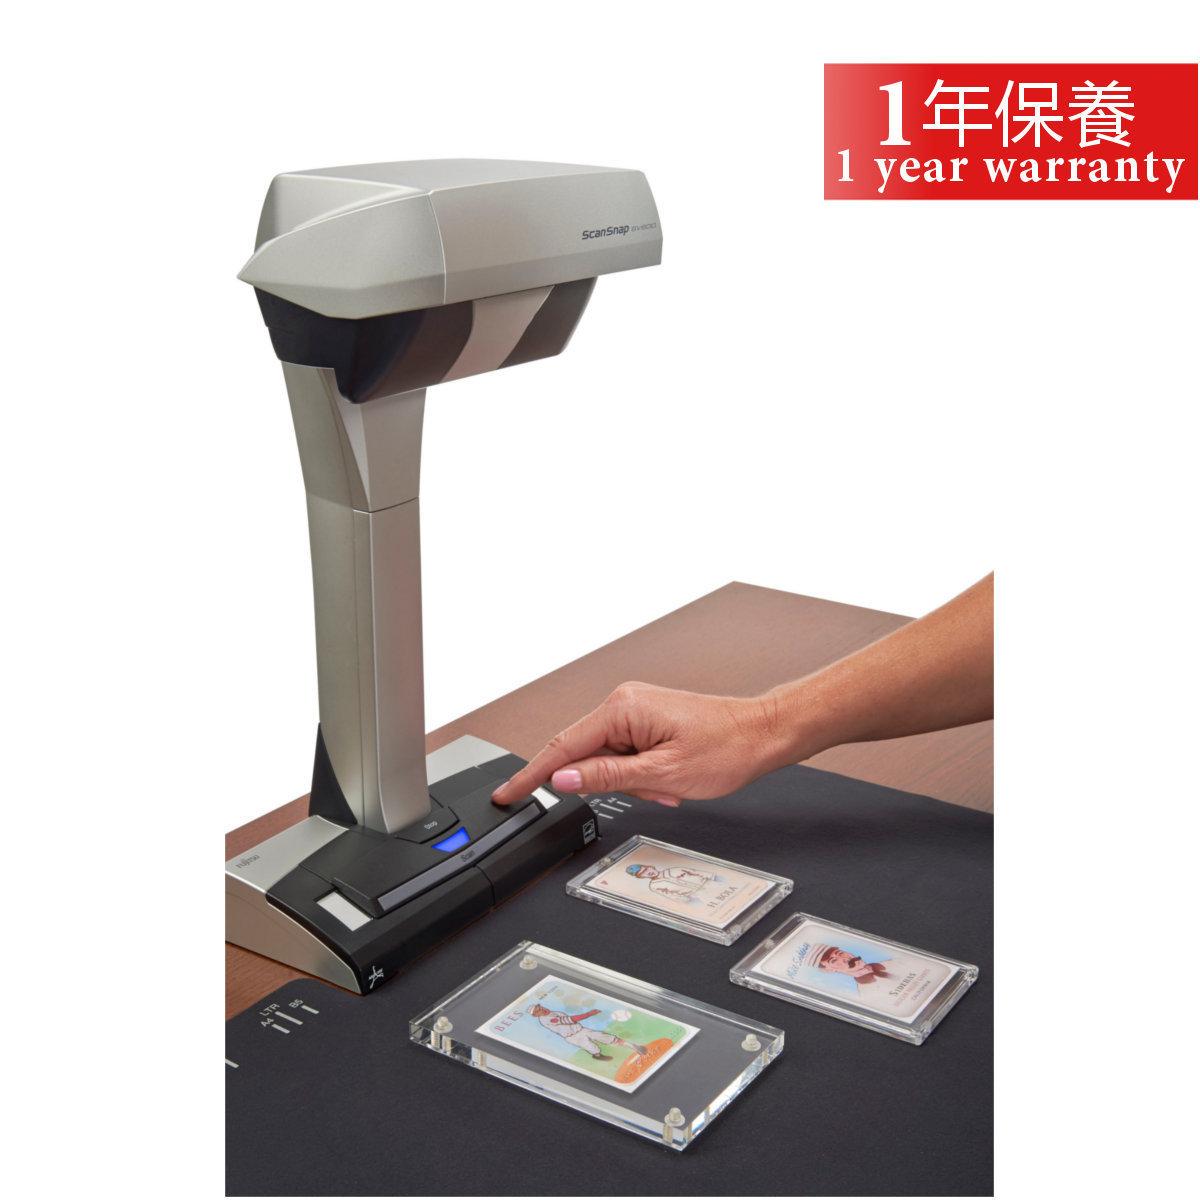 ScanSnap SV600 文件掃描器